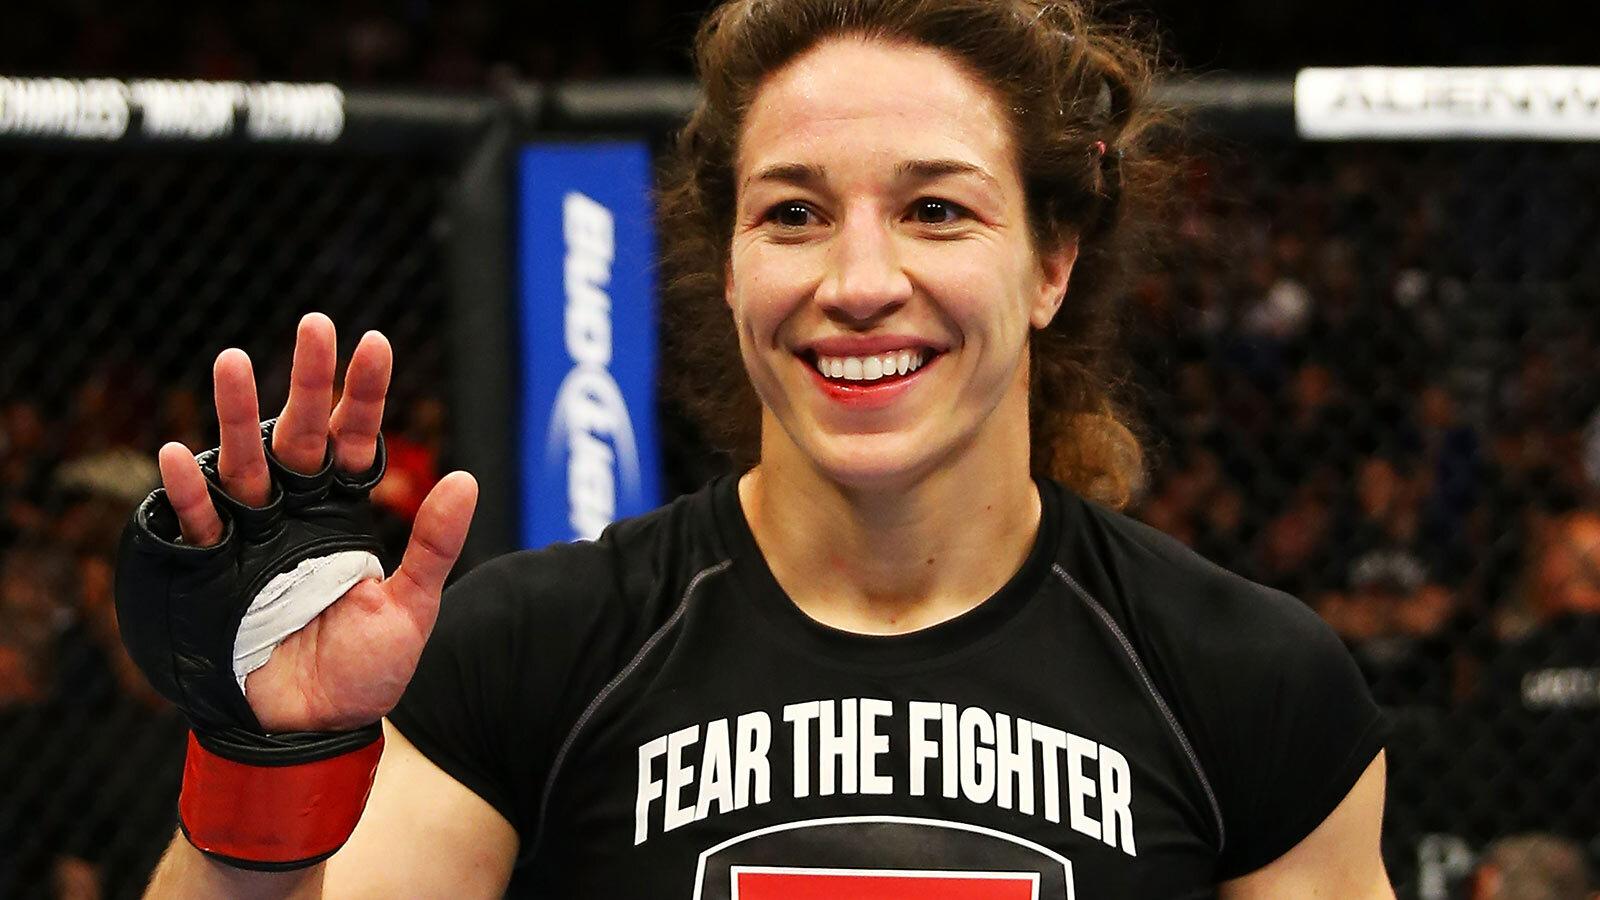 UFC Fight Night 47 results, photos: Sara McMann outwrestles Lauren ...